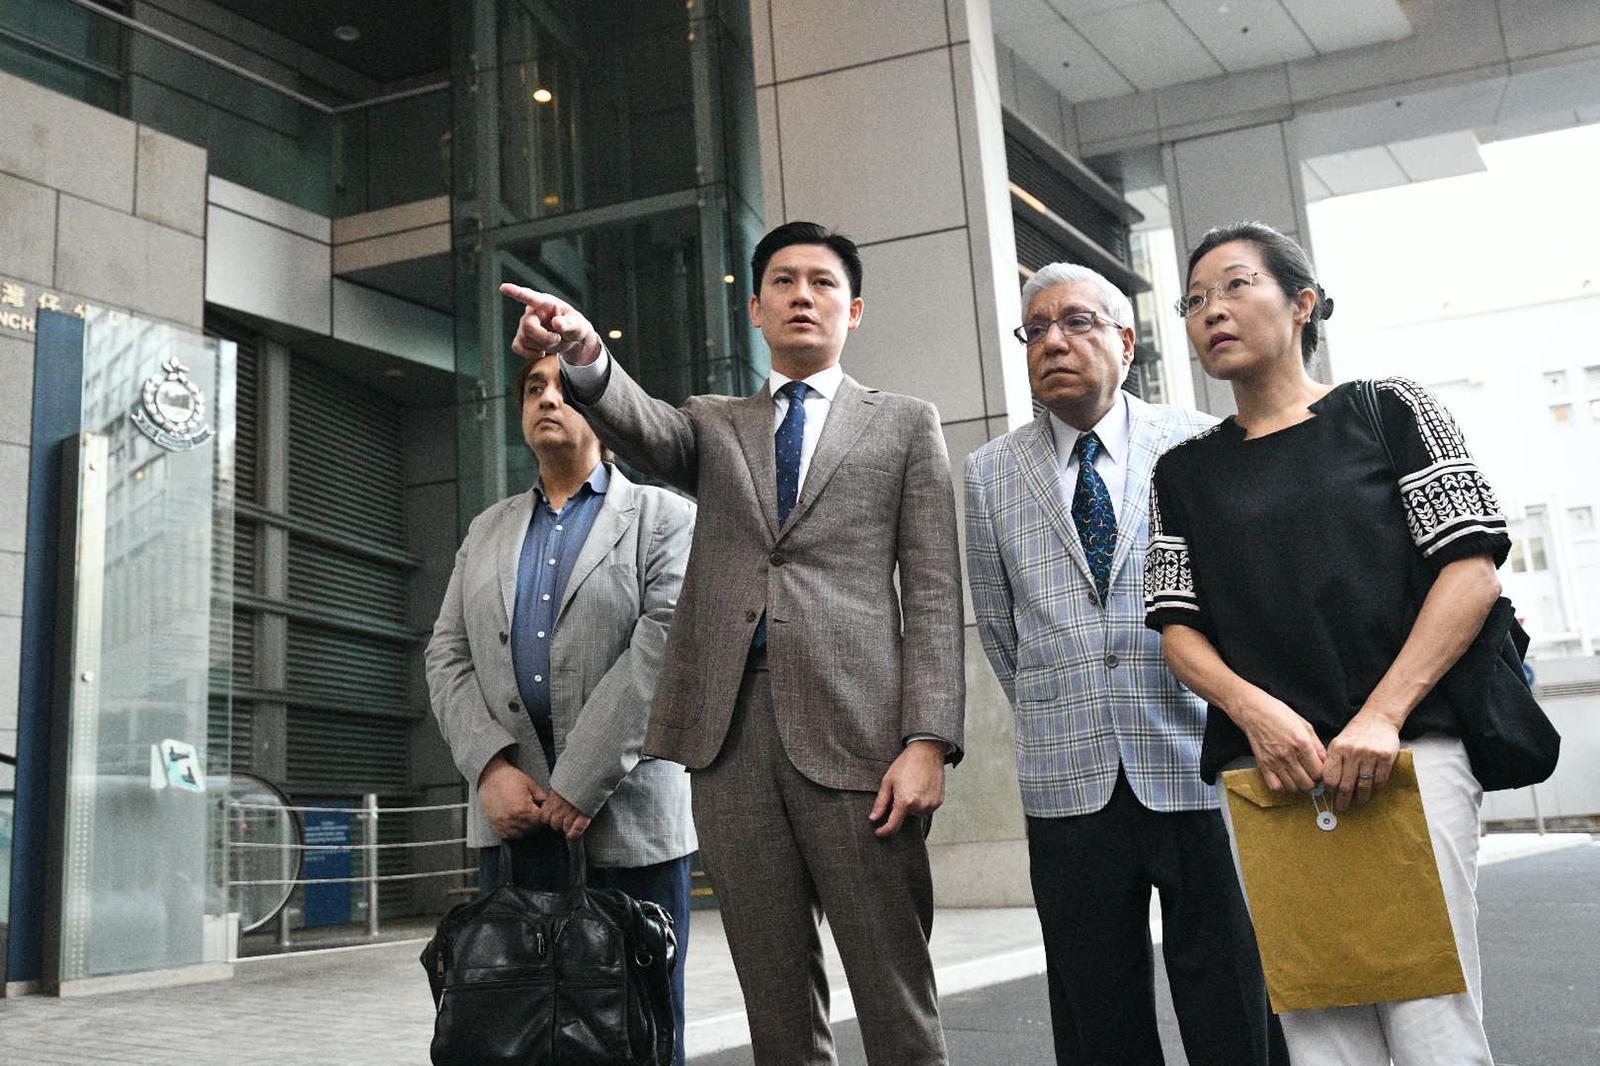 譚文豪(左二)與毛漢(右二)曾經向警方投訴。資料圖片